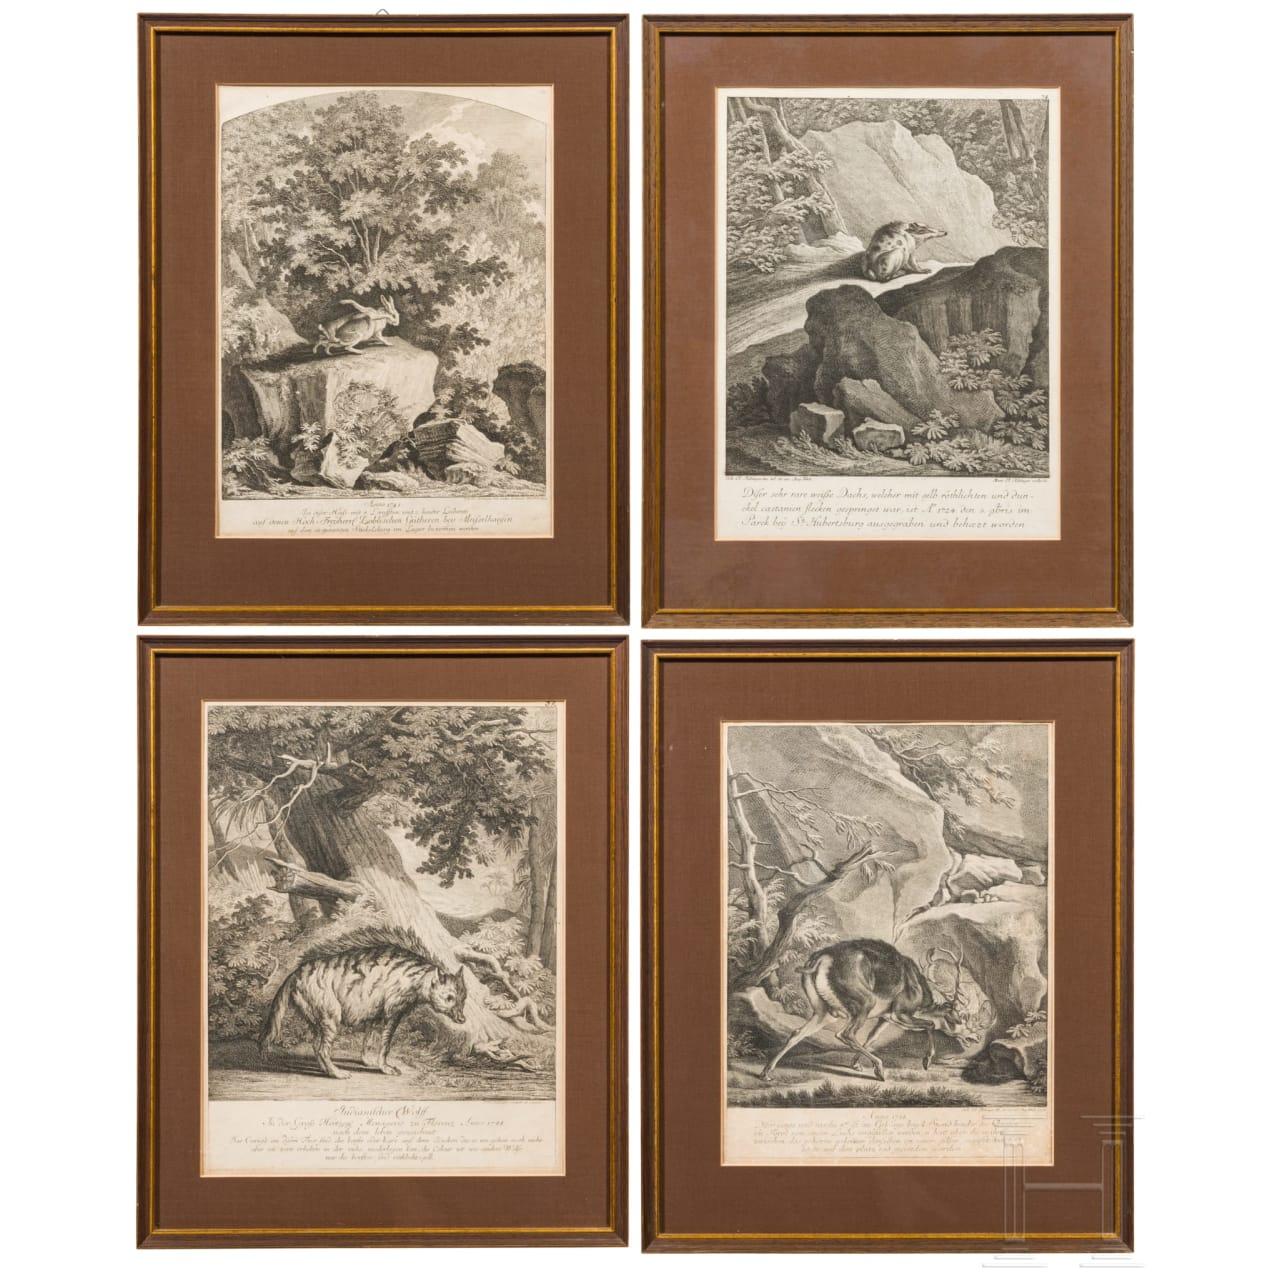 Johann Elias Ridinger, vier gerahmte Kupferstiche mit Wildtieren, Augsburg, um 1760